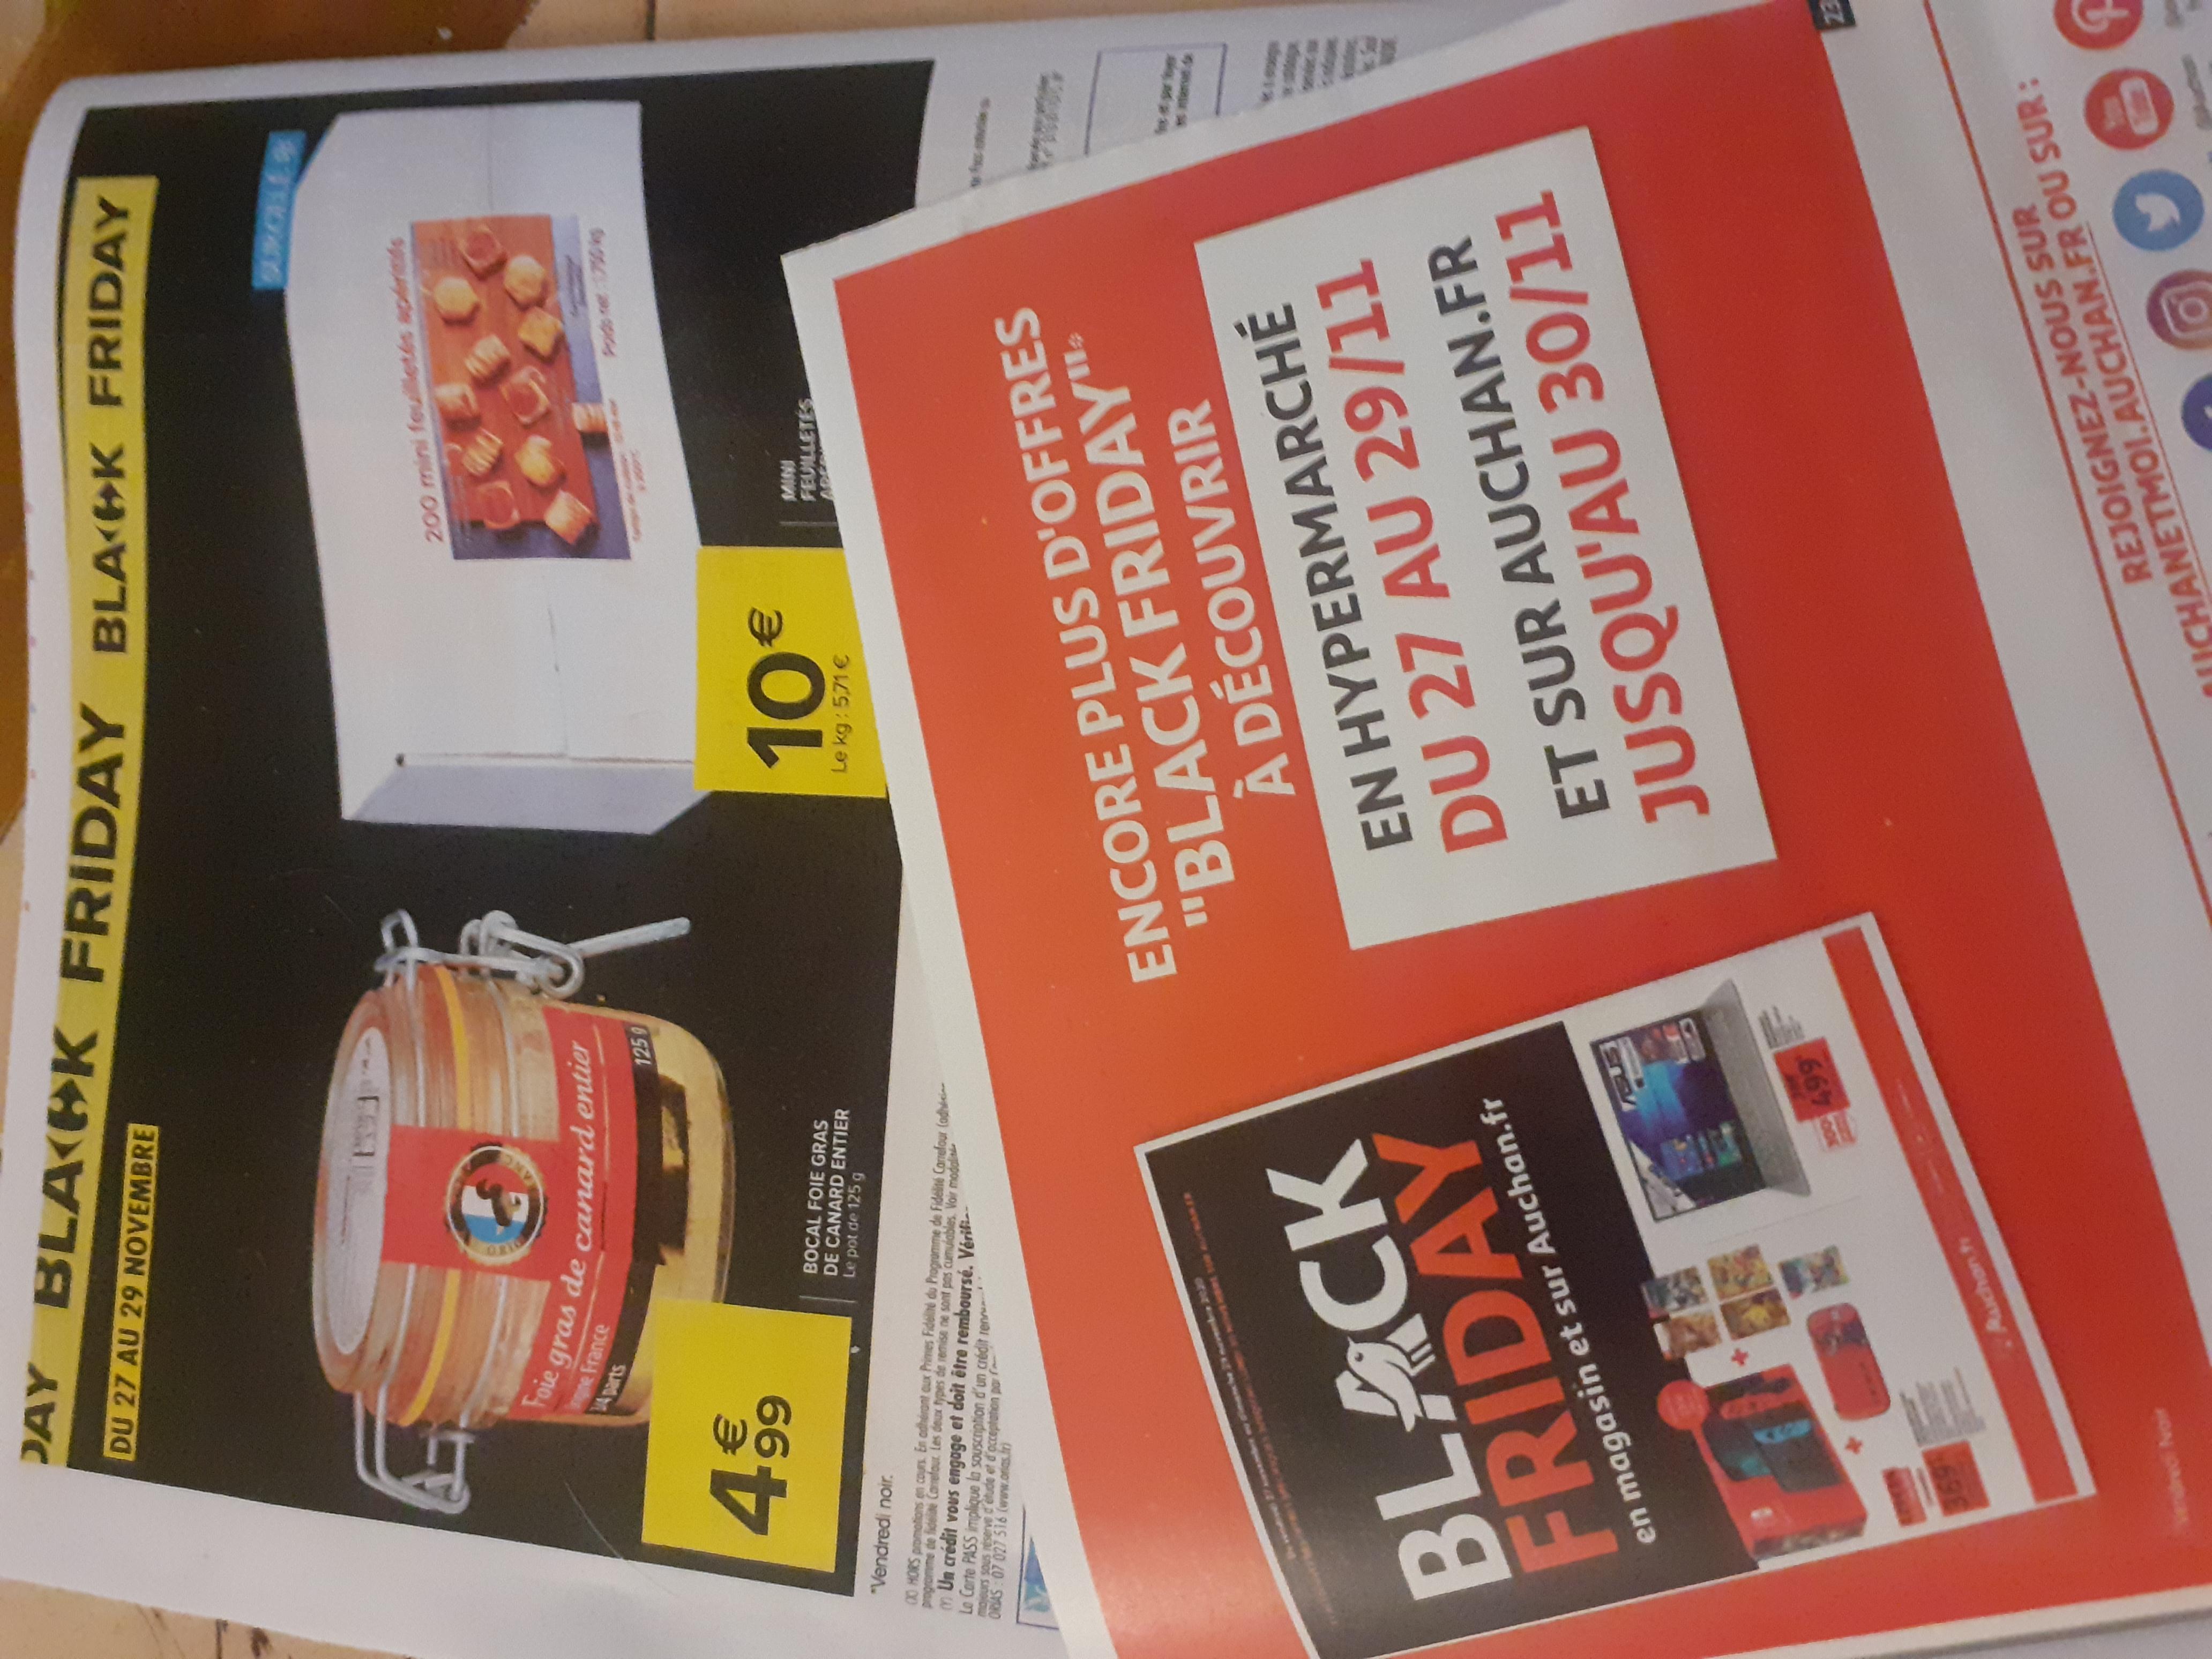 les publicités Black Friday de la Grande Distribution ont déjà inondé les boites aux lettres